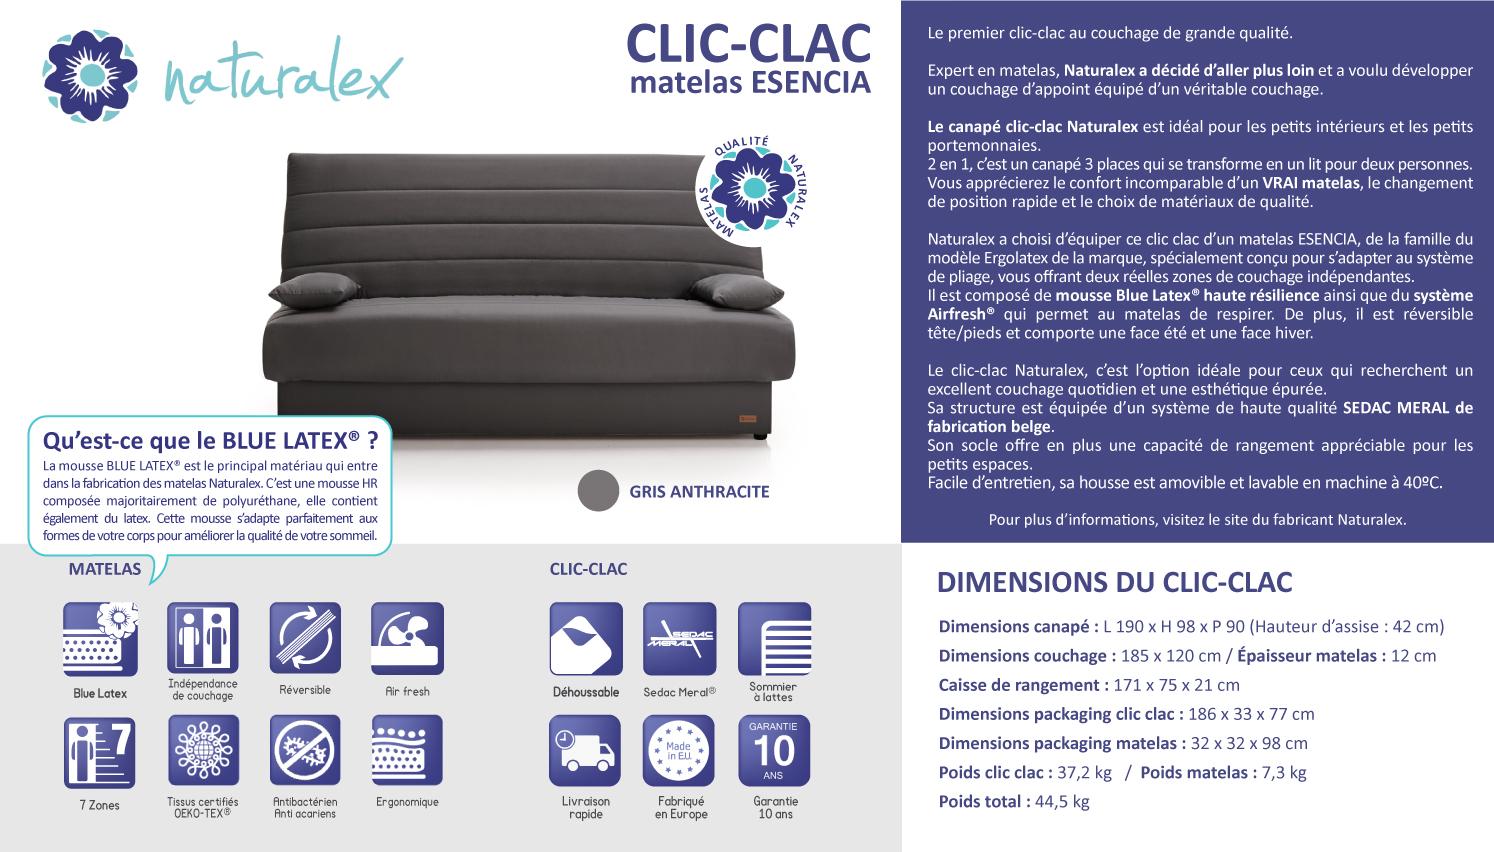 Dimension d un clic clac canape with dimension d un clic - Clic clac dimension ...